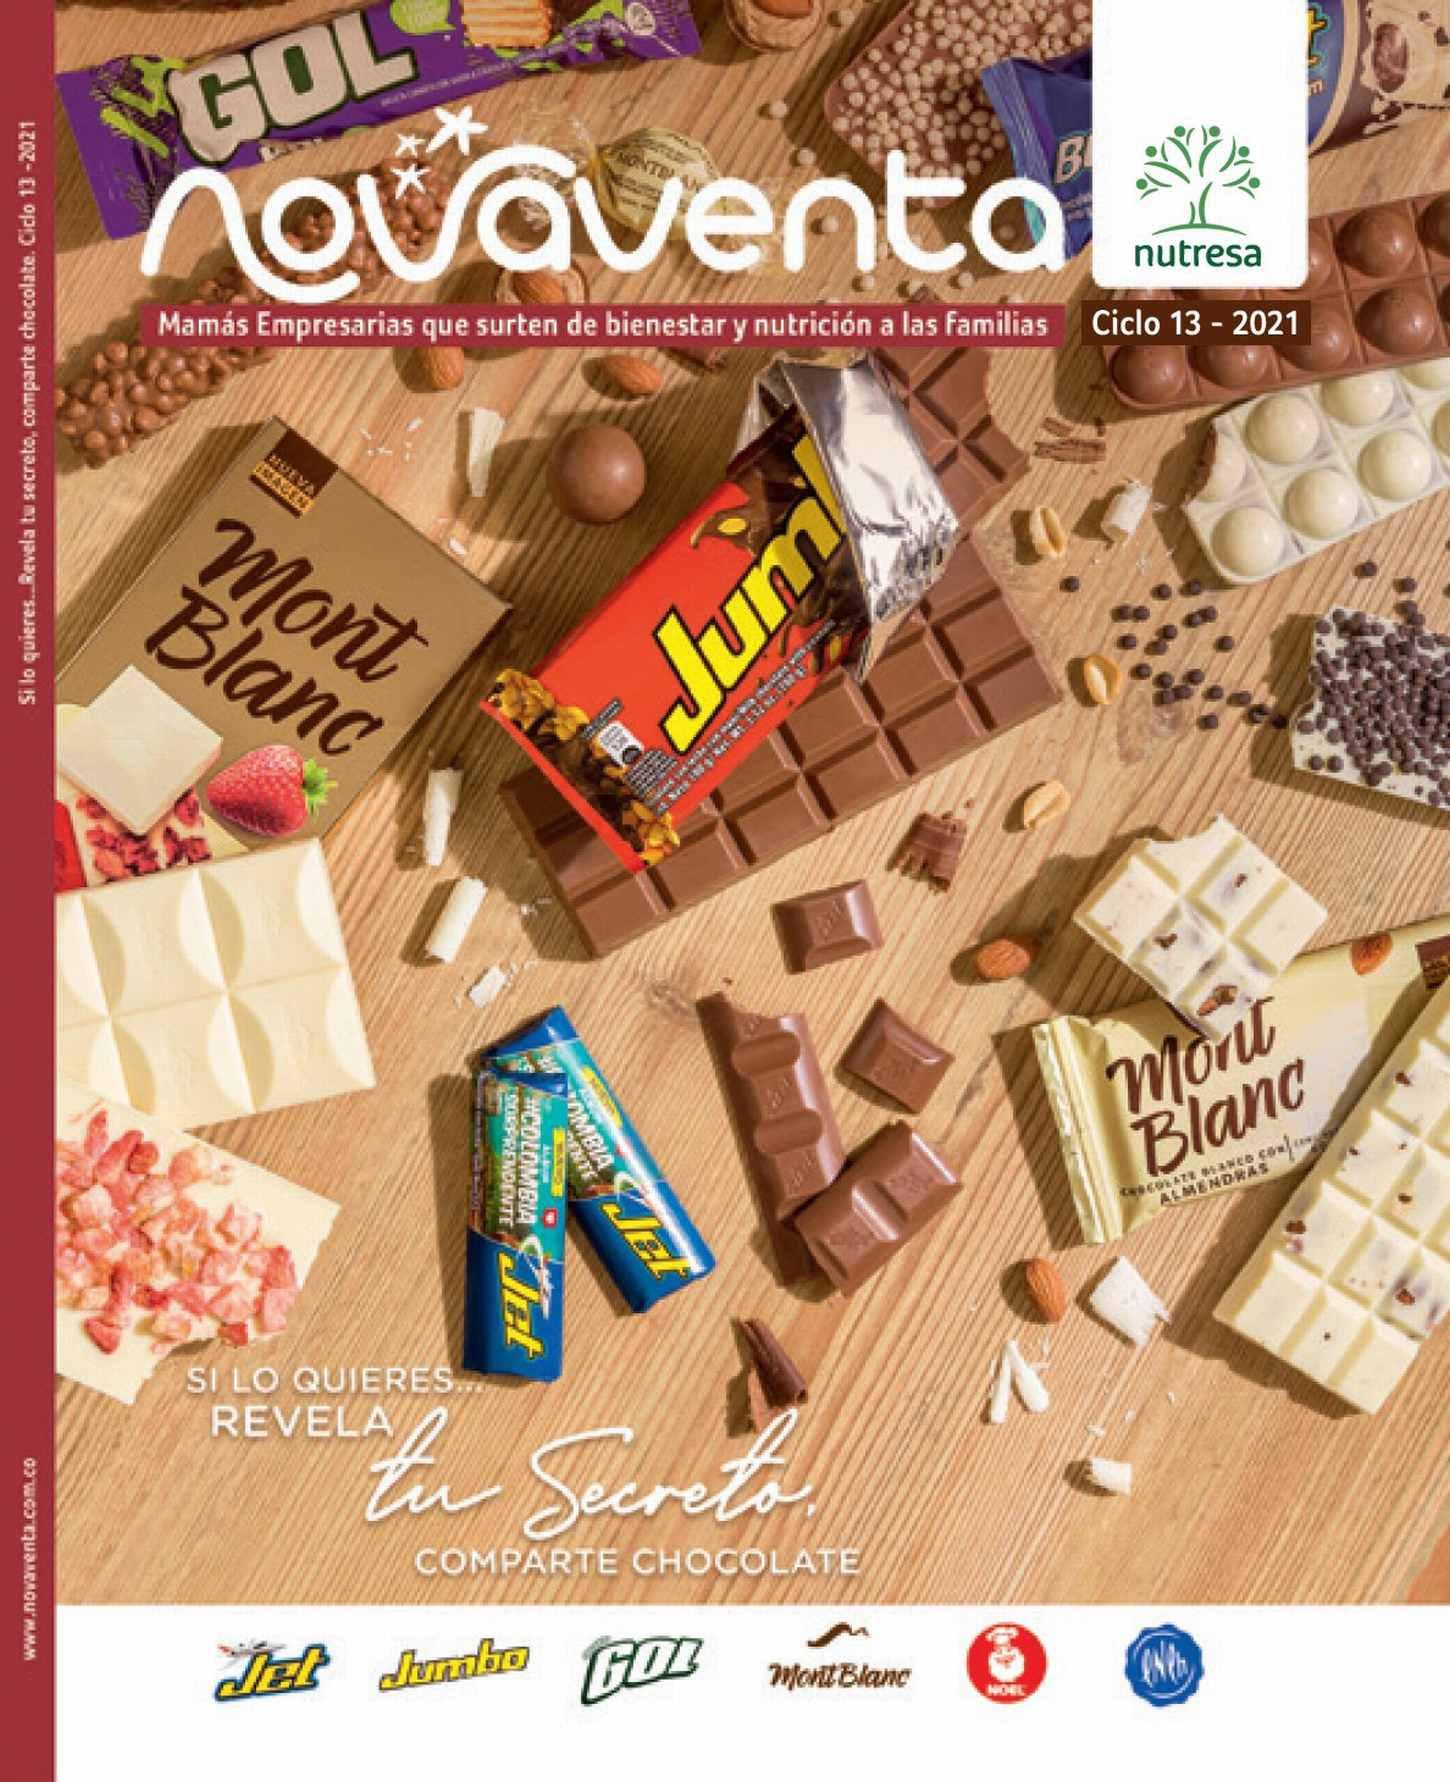 Catálogo Novaventa Campaña 13 2021 Colombia